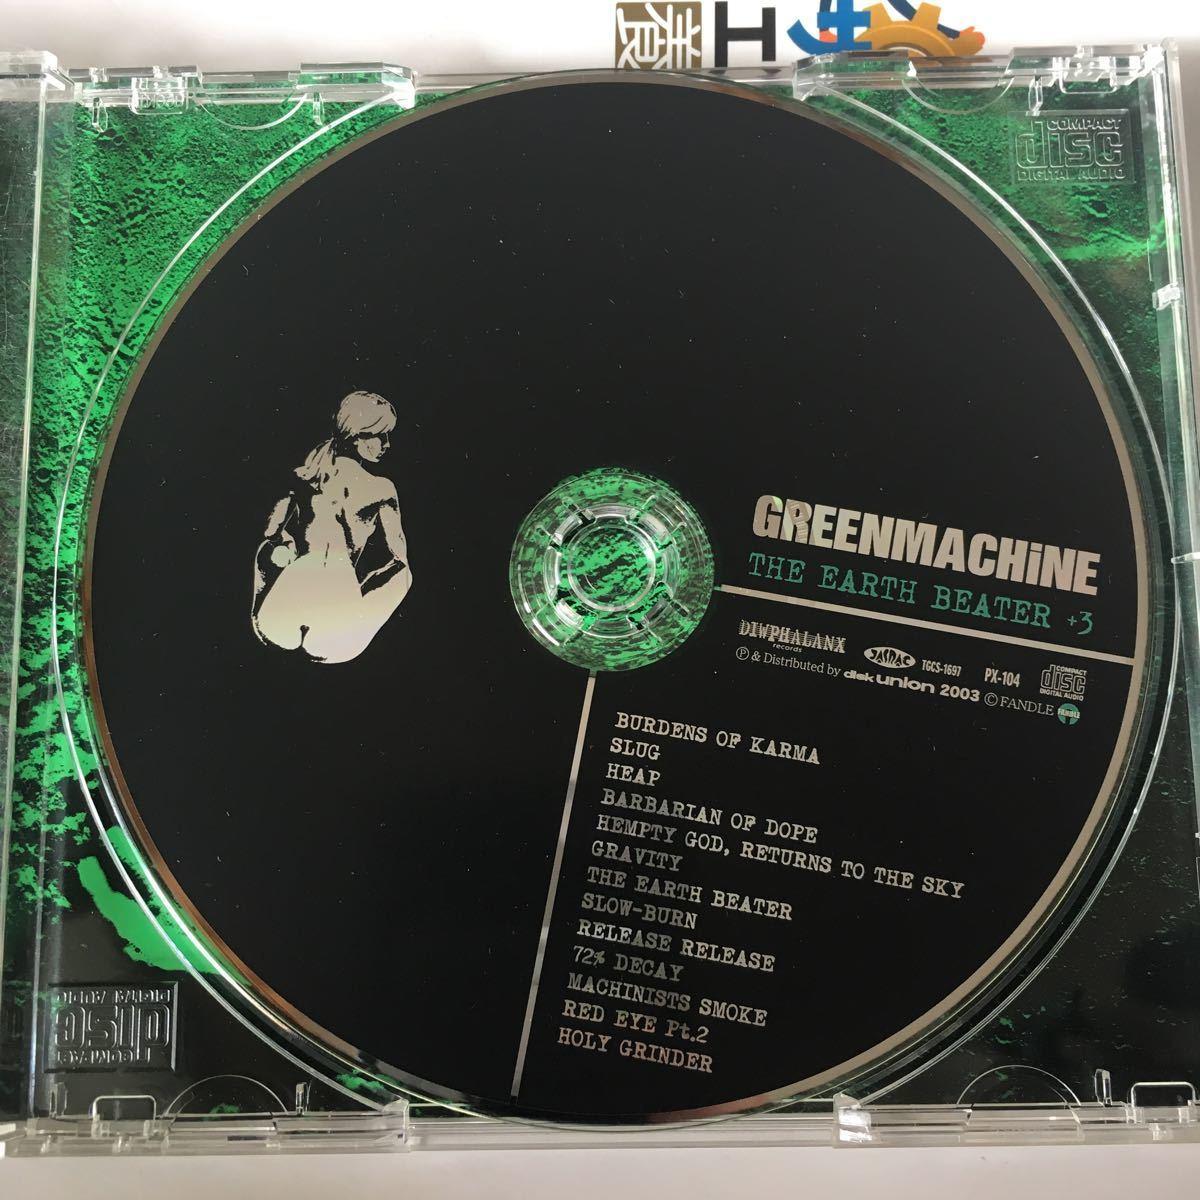 Greenmachine - The Earth Beater +3 ('03) 帯付 グラインドコア ストーナー 激レア 再発盤_画像2